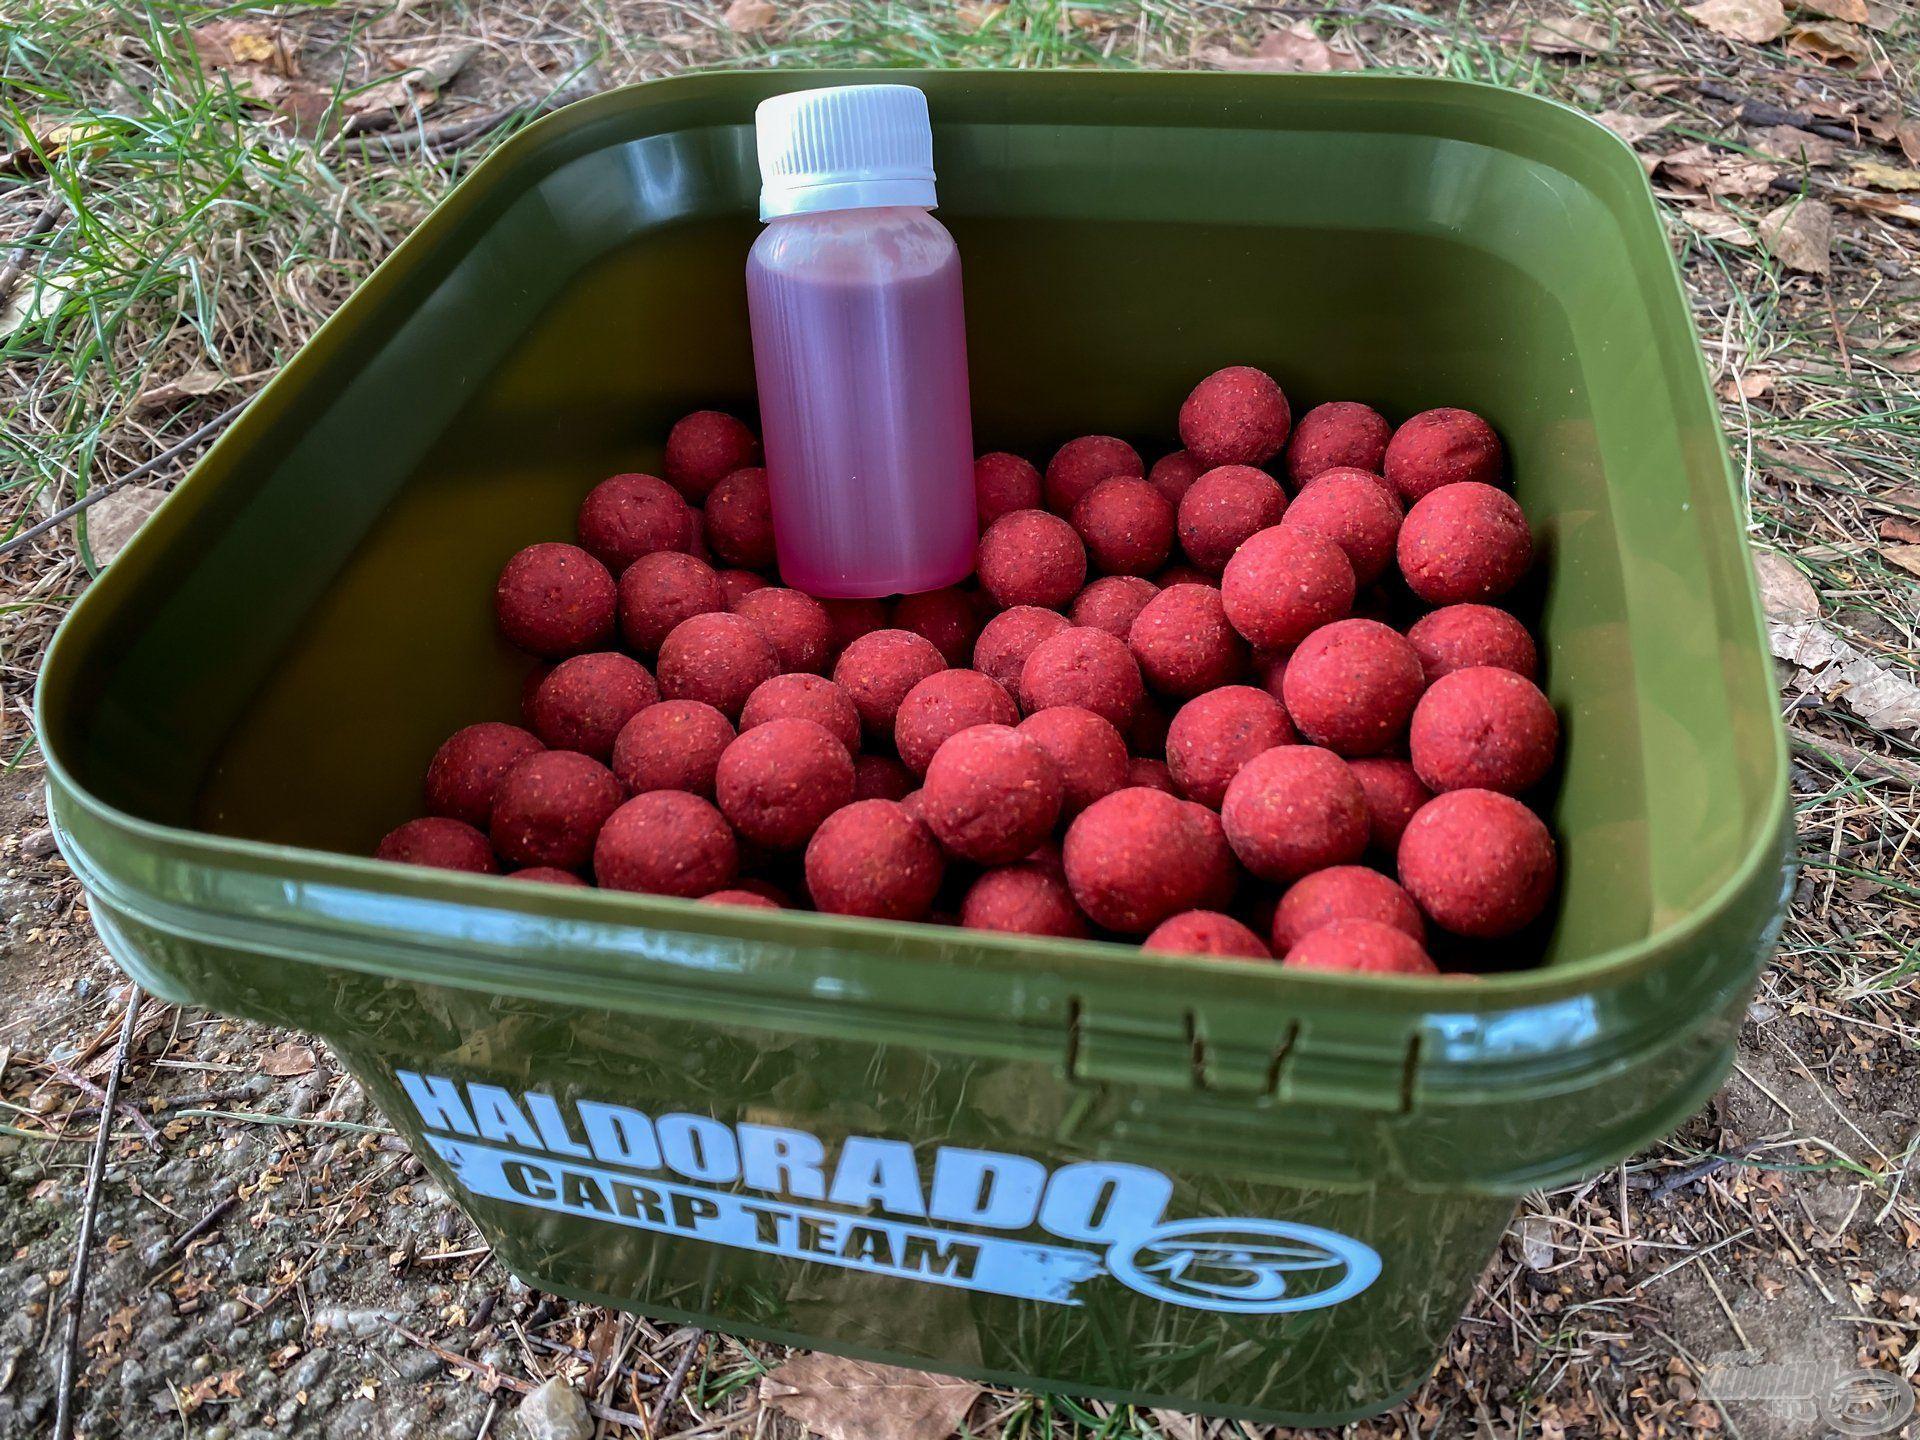 Praktikus új kiszerelés, egy ízben azonos 100 ml-es flakon aromával és egy szögletes Carp Team vödörrel